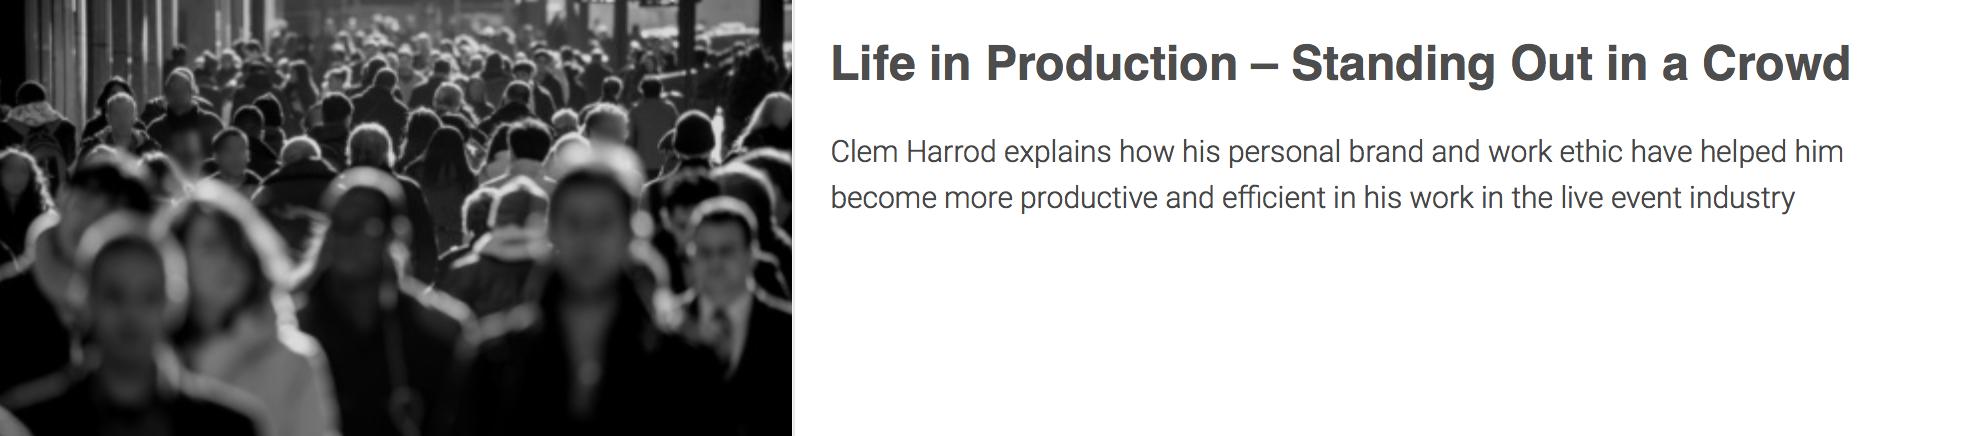 ClemCo AV life-production-standing-crowd/